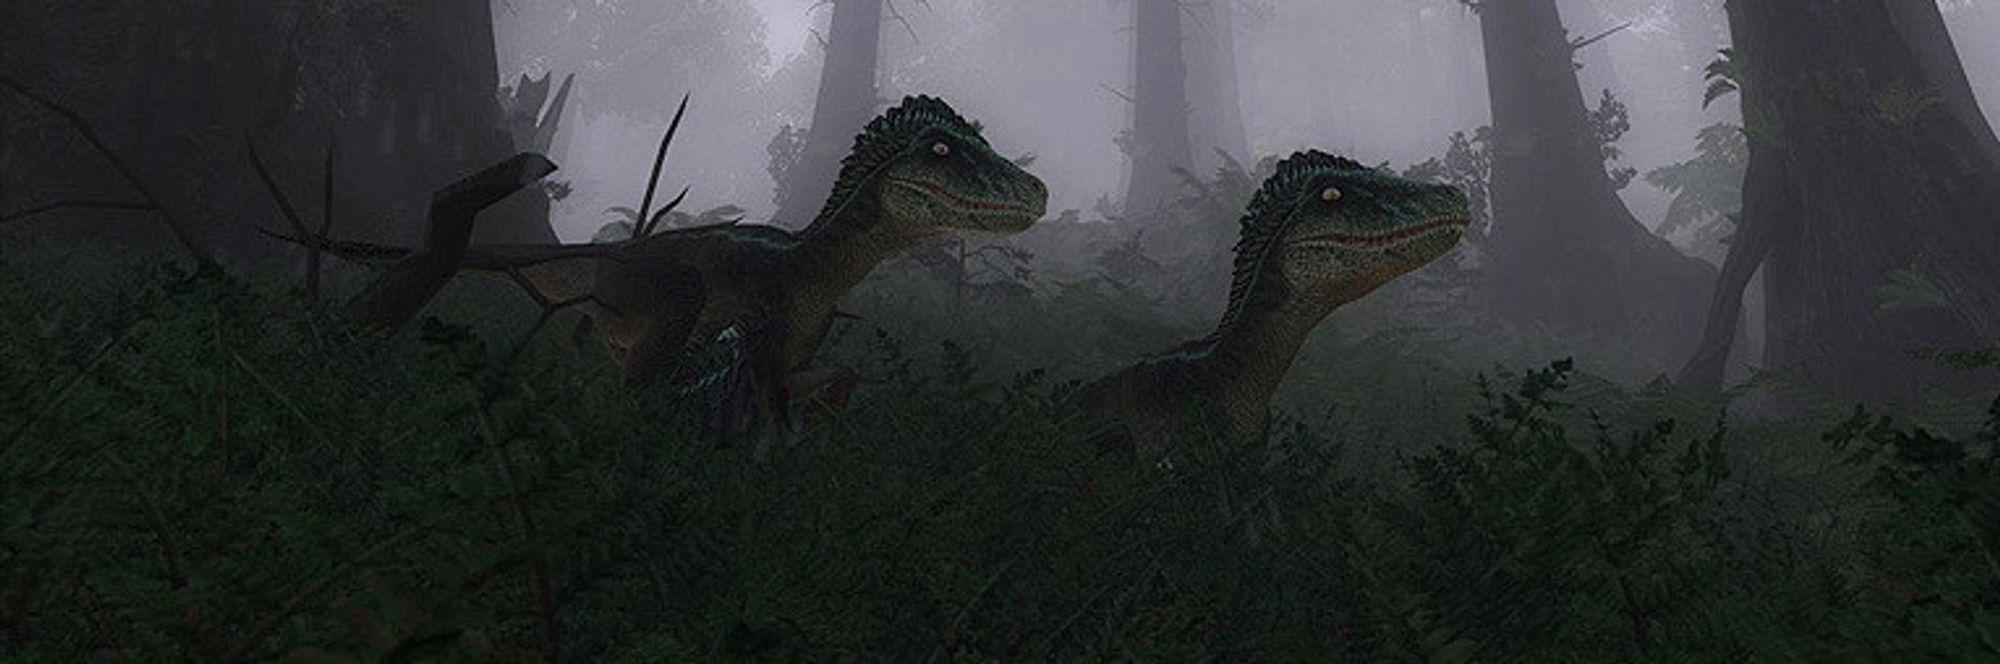 Les Dra på dinosaurjakt i desember